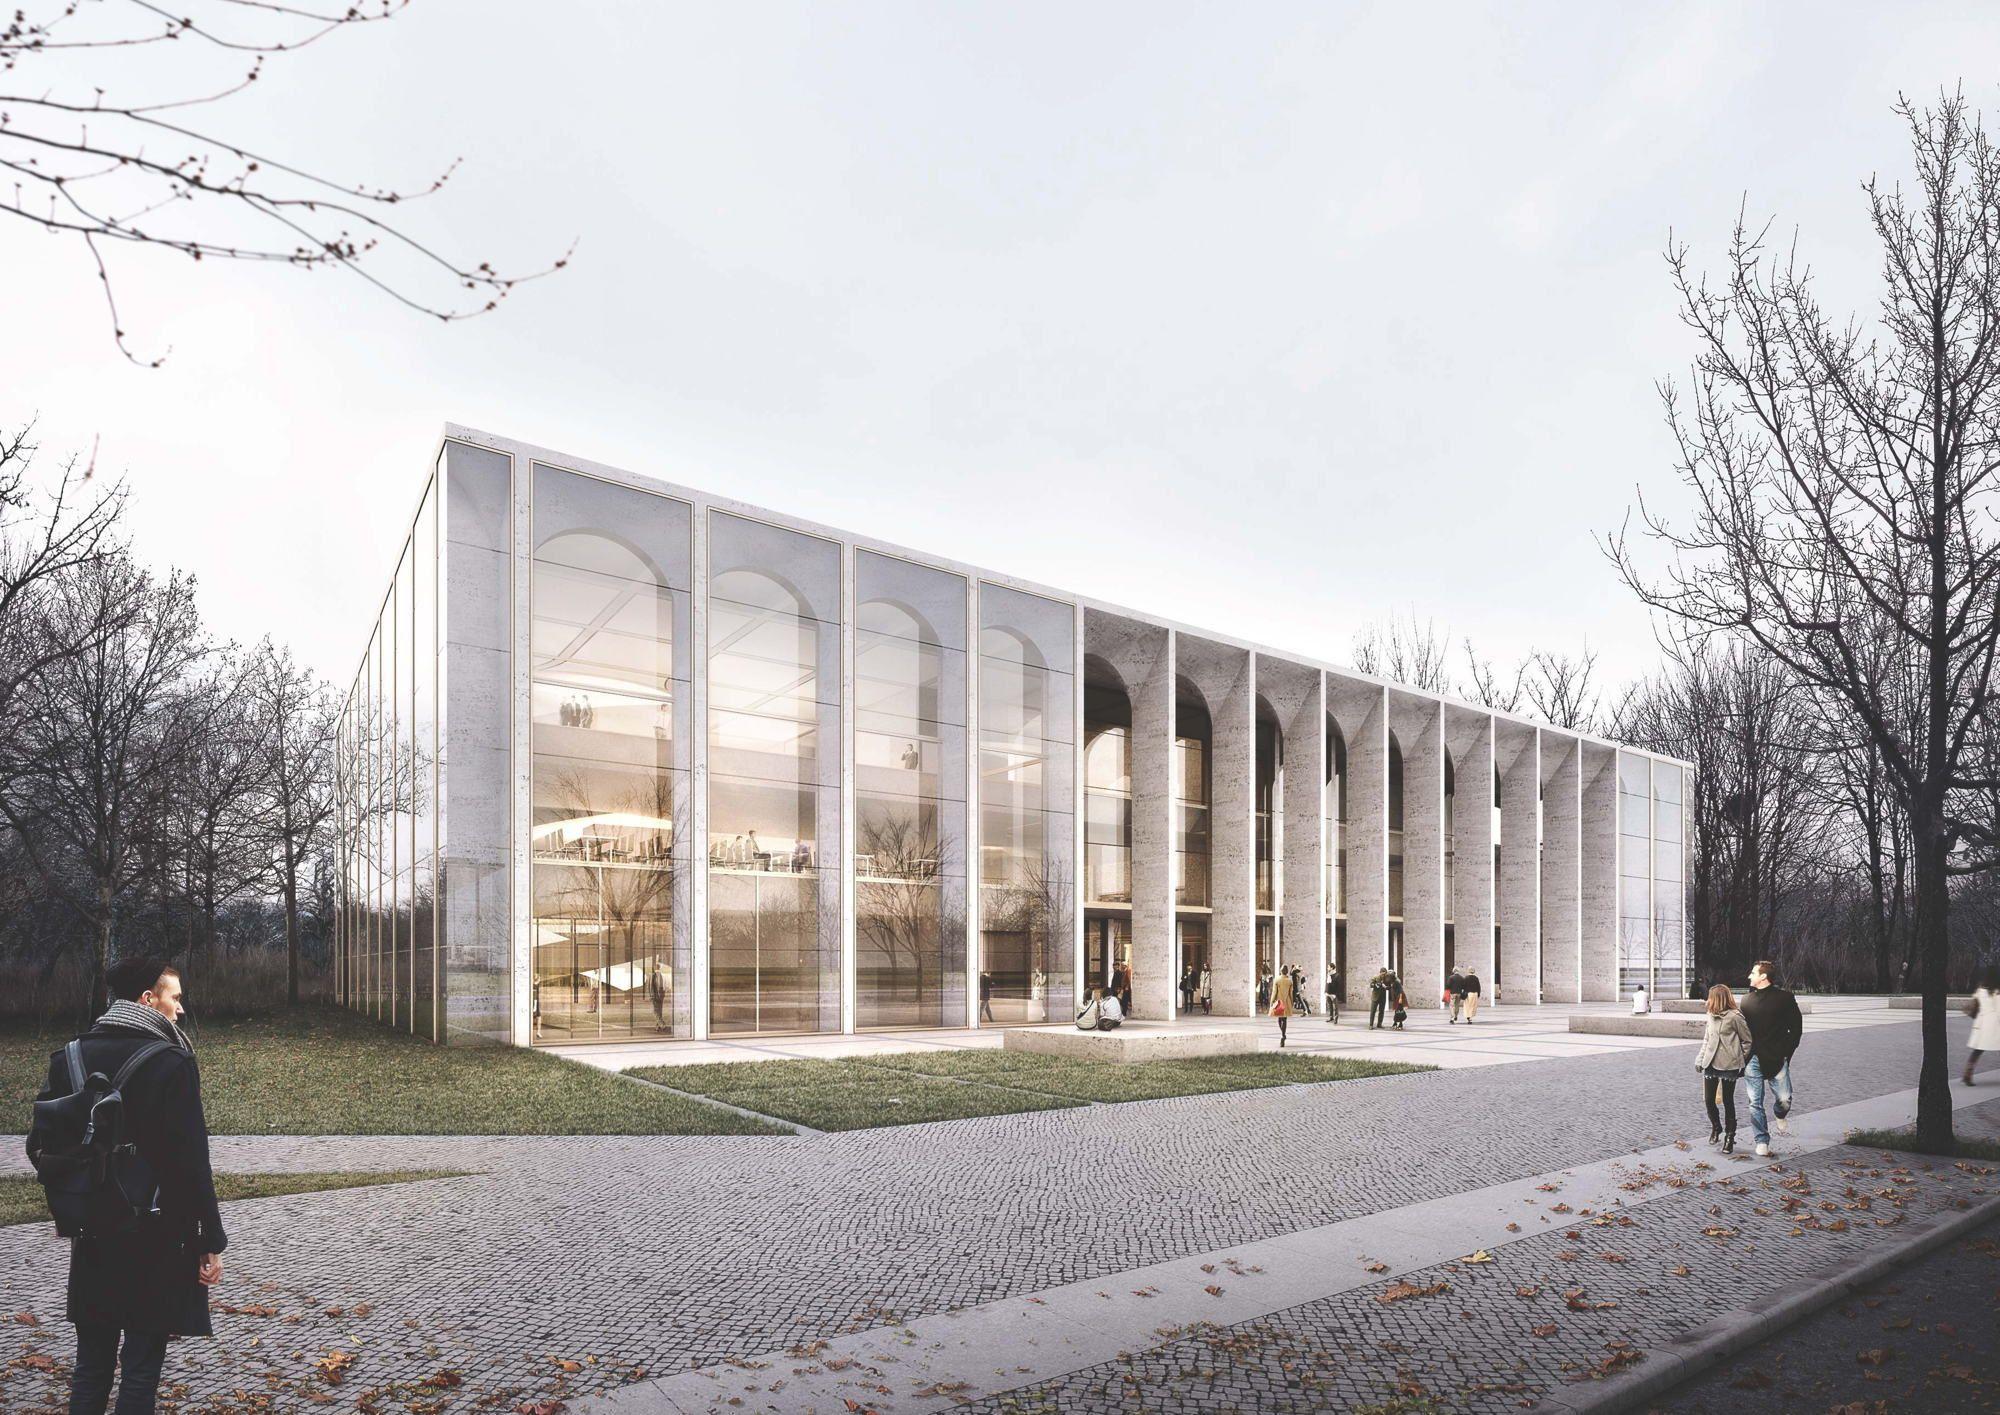 Besucherzentrum des bundestags in berlin ausstellung und alle arbeiten der 2 phase - Architekturvisualisierung berlin ...